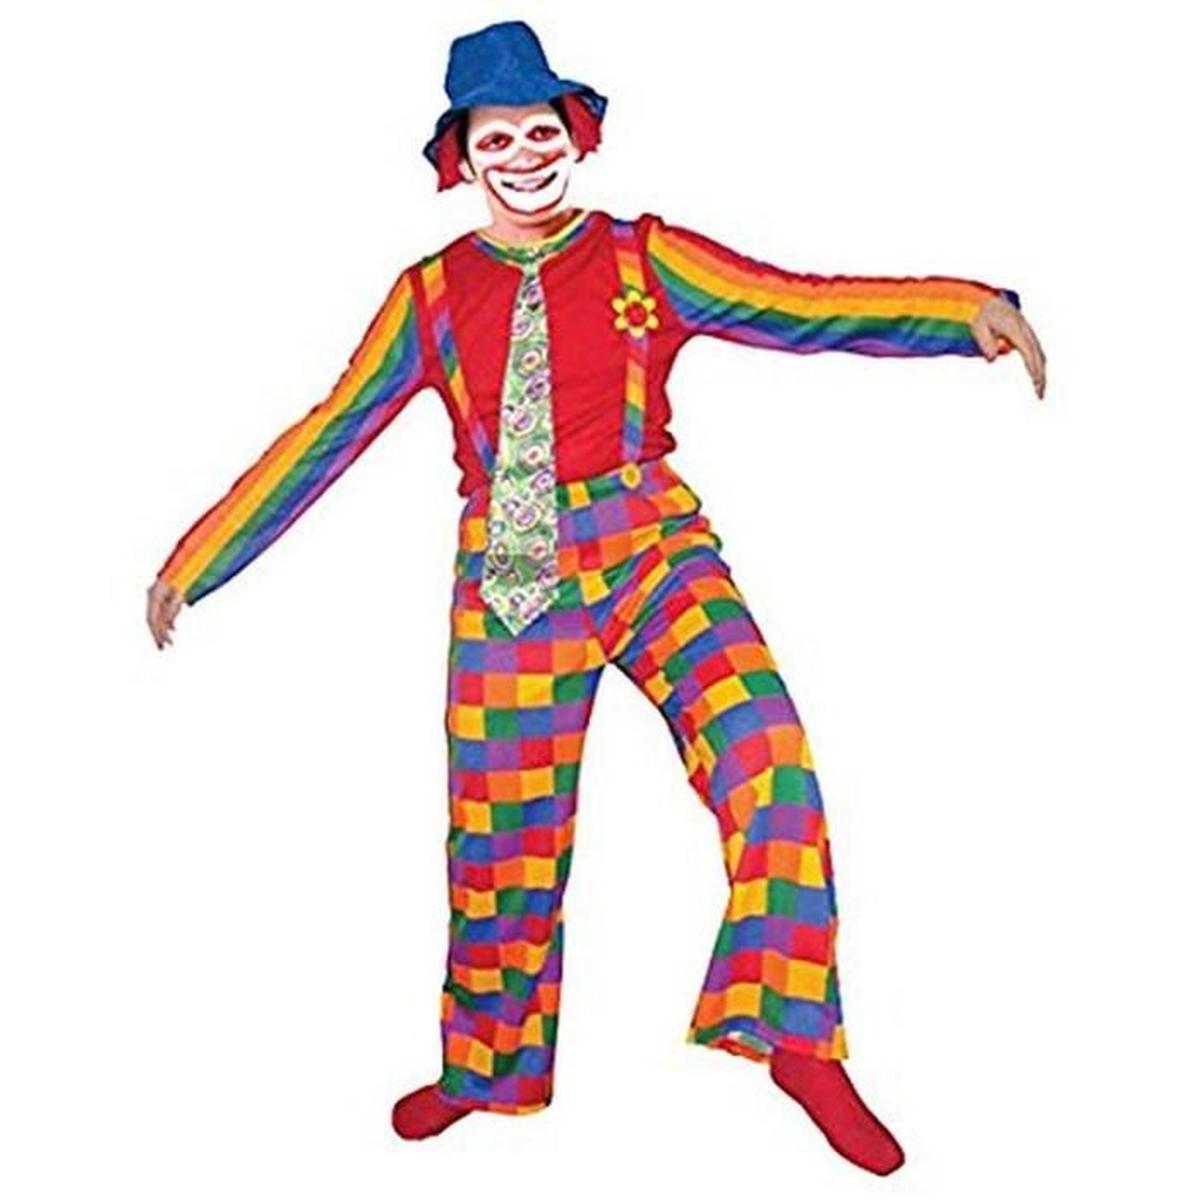 As vulnerable as a clown